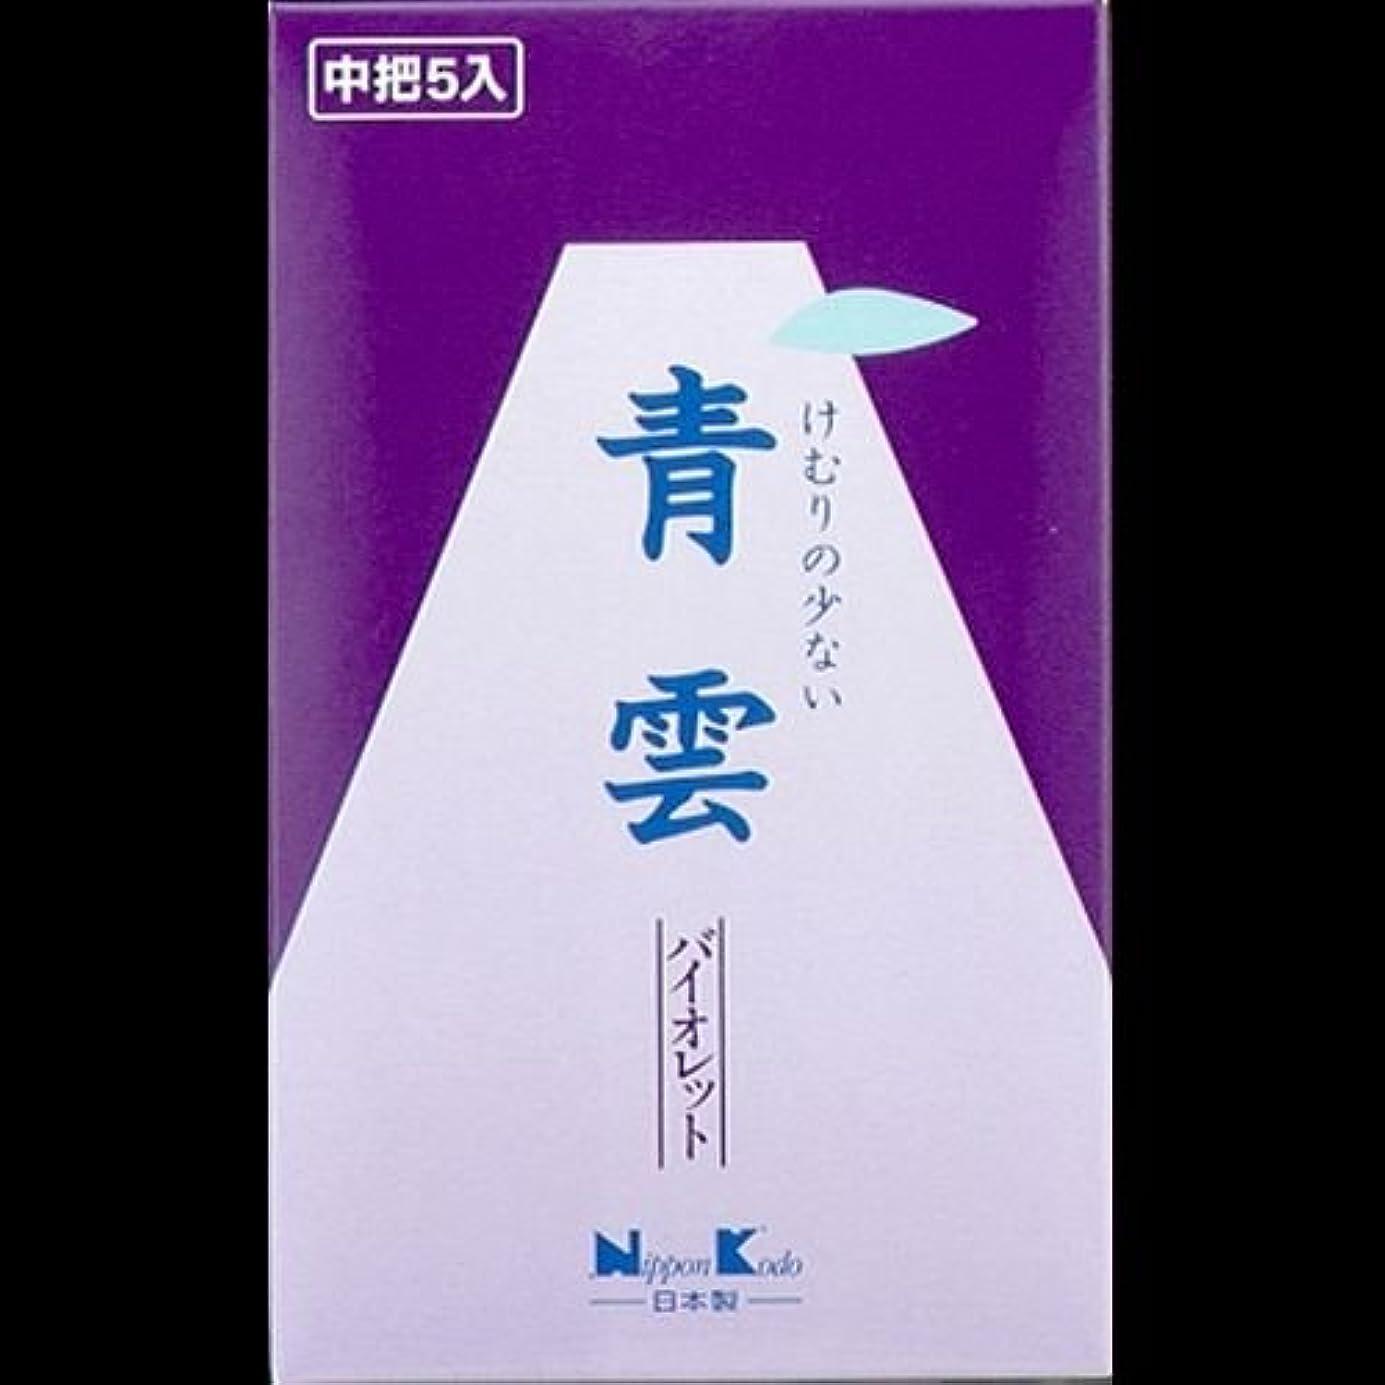 デコラティブ発火するジュース【まとめ買い】青雲 バイオレット 中把5入 19gx5 ×2セット